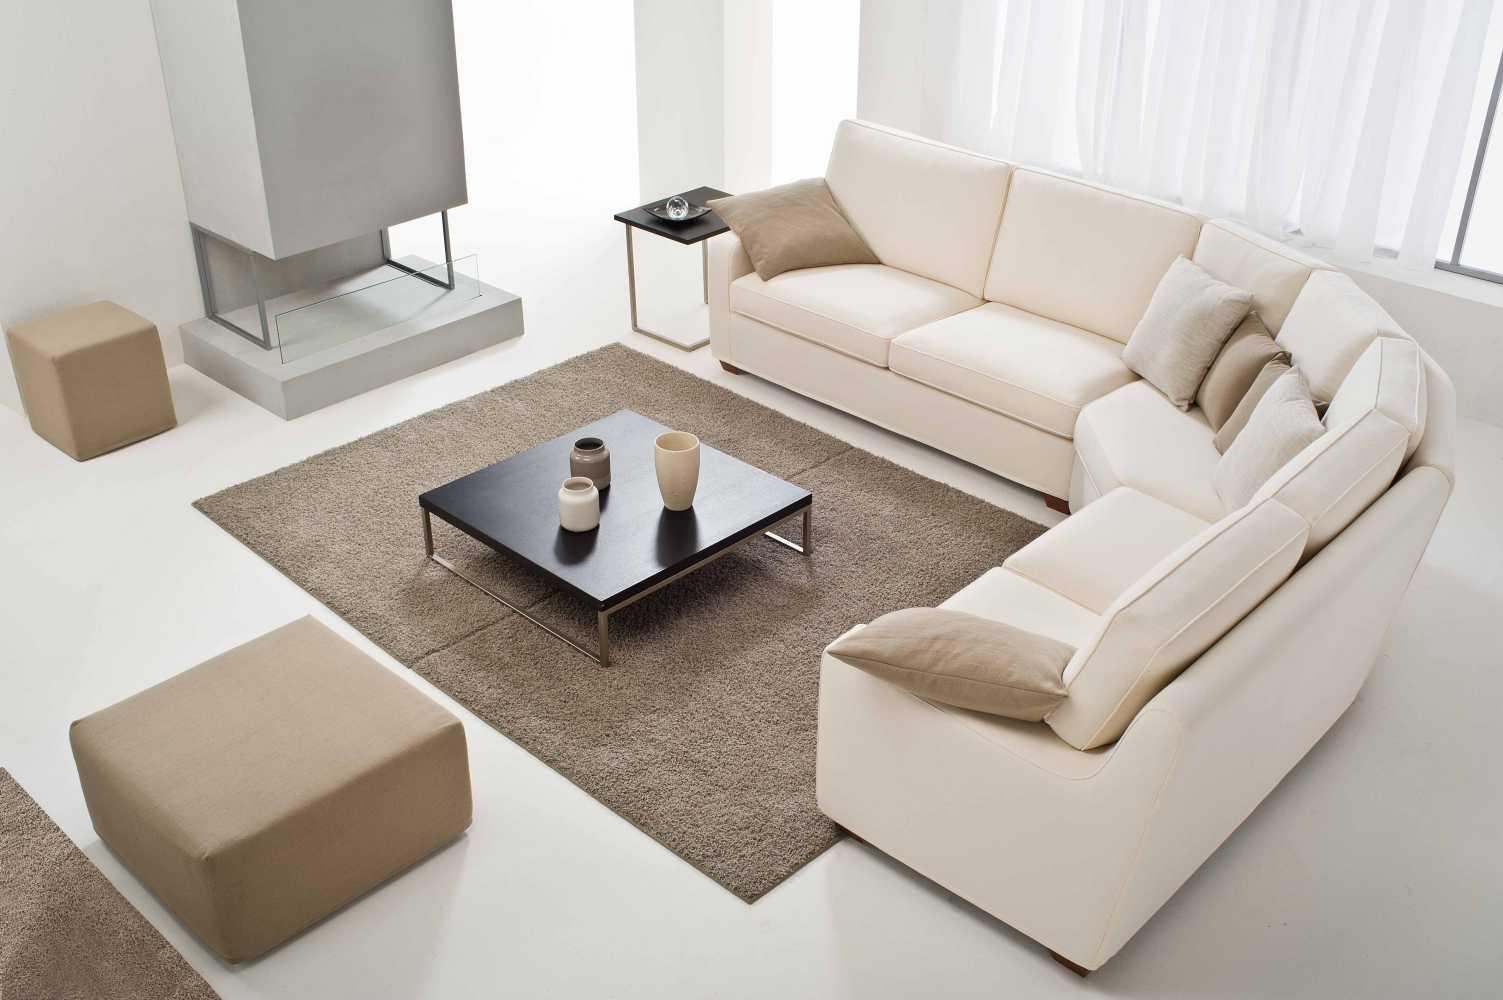 Divano piccolo ad angolo idee per il design della casa - Divano angolo letto ...